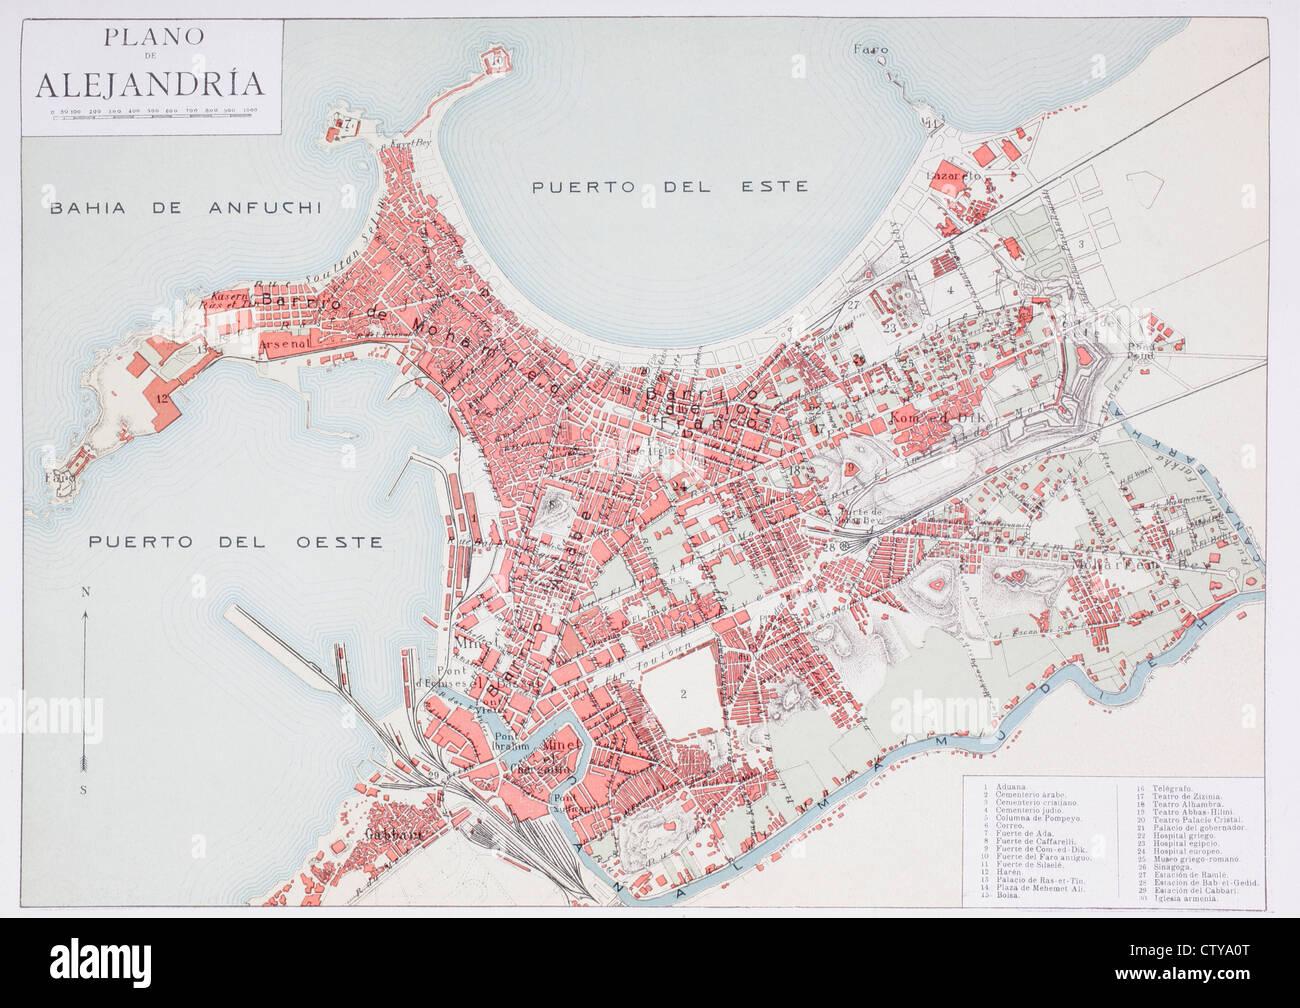 Plan de Alejandría, Egipto, en el siglo 20. Mapa editado en idioma español. Imagen De Stock